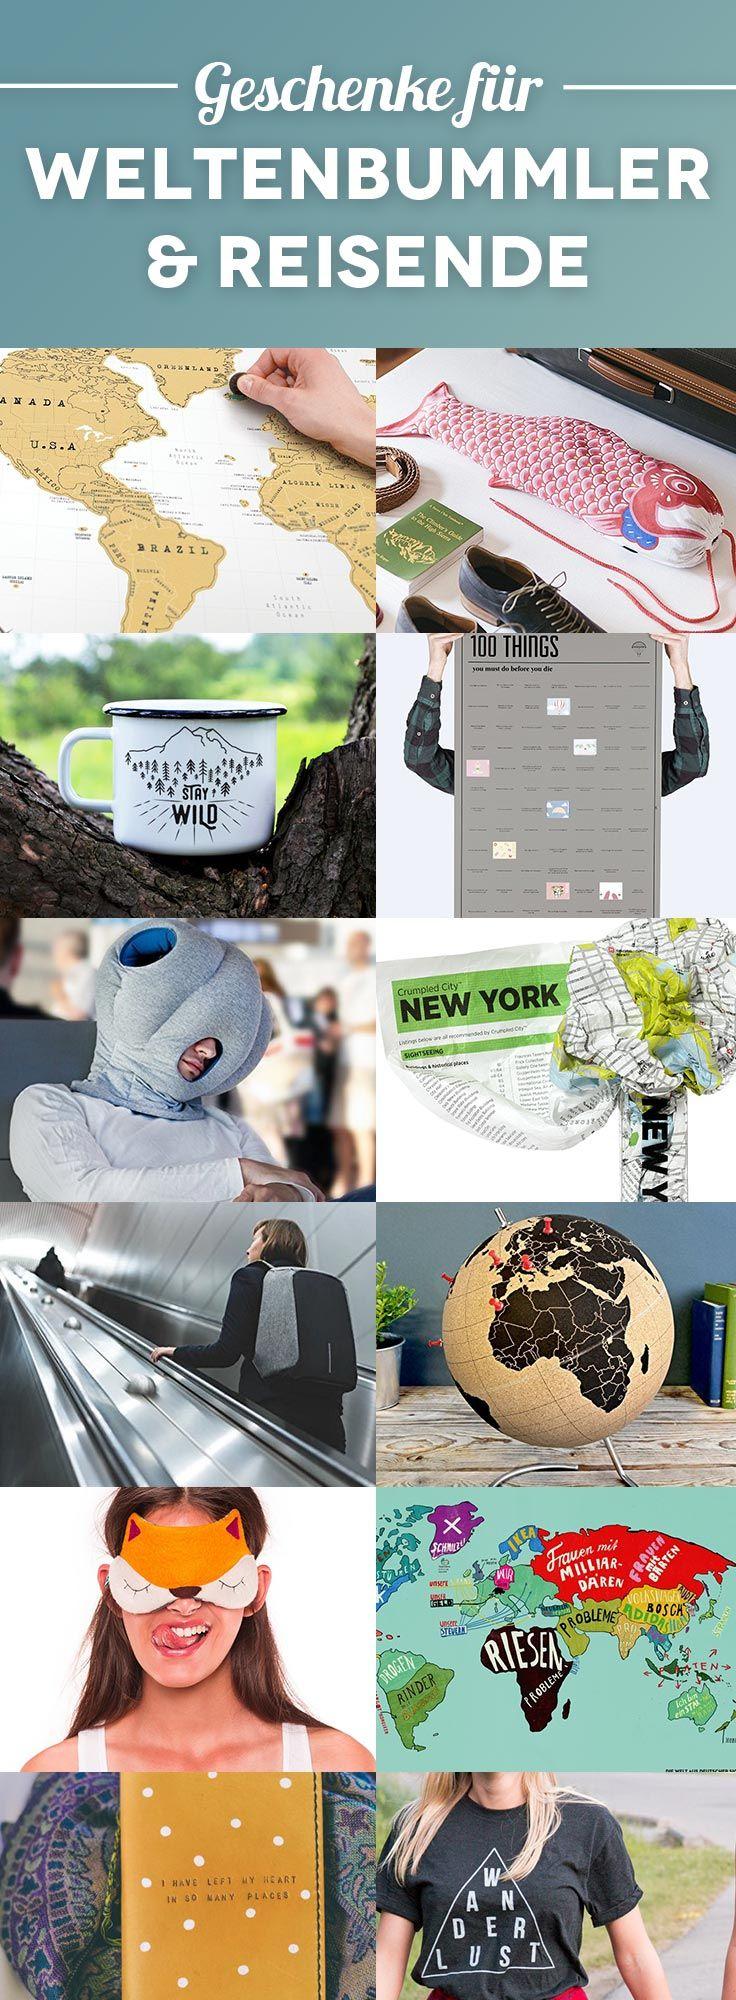 61 originelle, nützliche und coole Geschenke für Reisende – Geschenkideen für Weltenbummler & Weltreisende #geschenke #reiseideen #gadgets